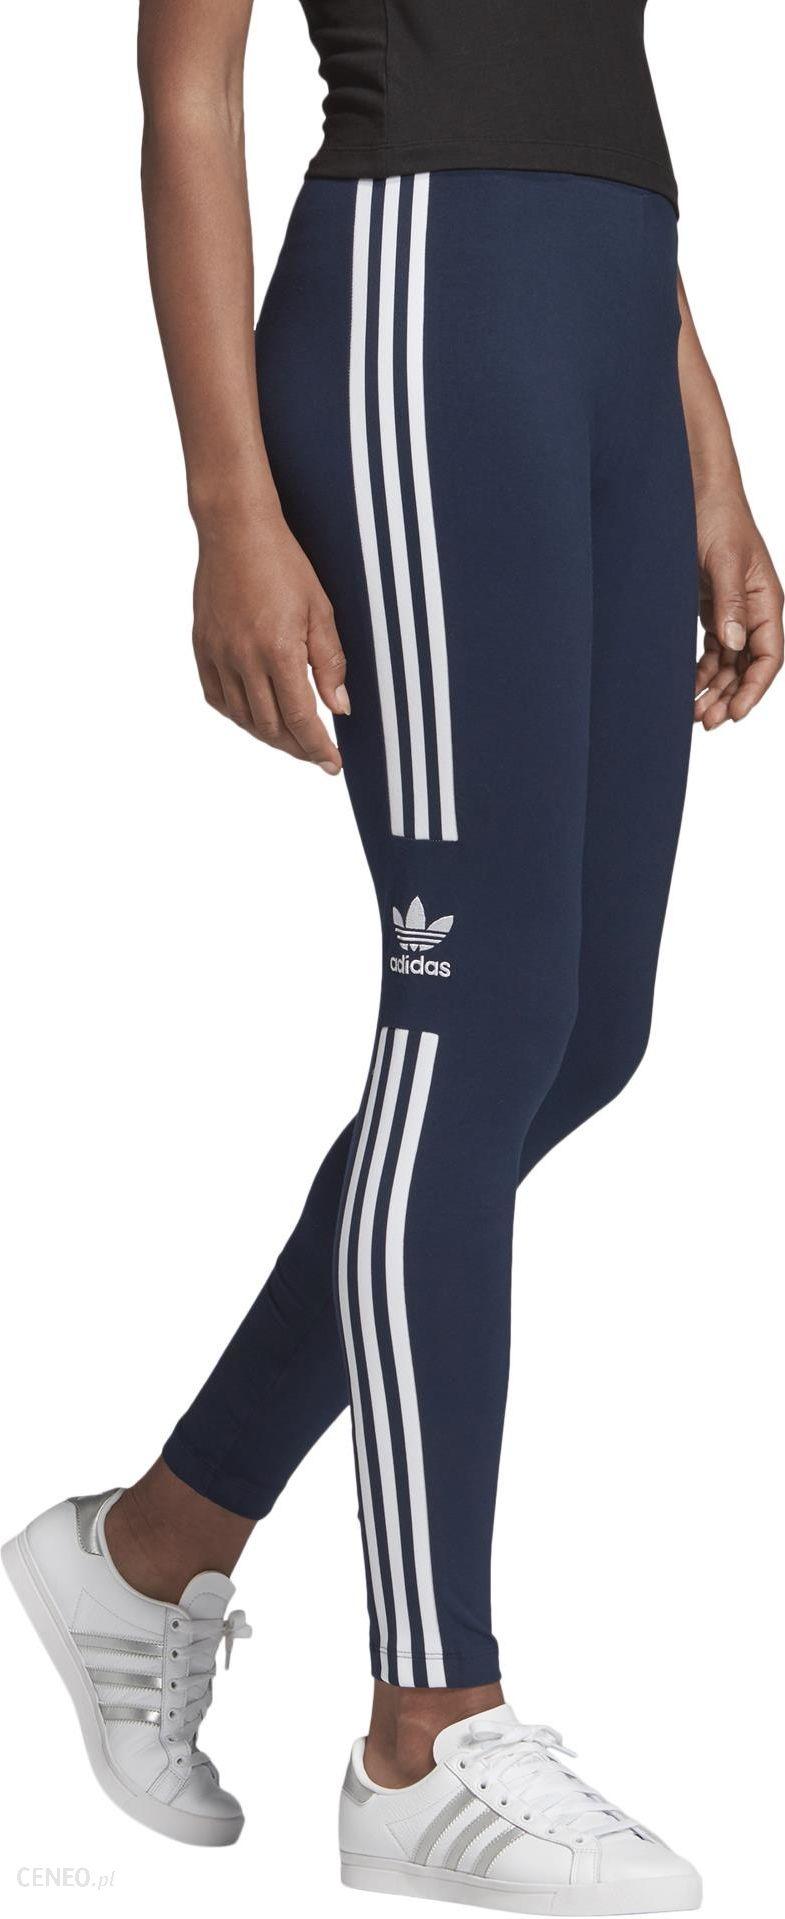 Spodnie Damskie Adidas Originals Trefoil CE2400 L Ceny i opinie Ceneo.pl